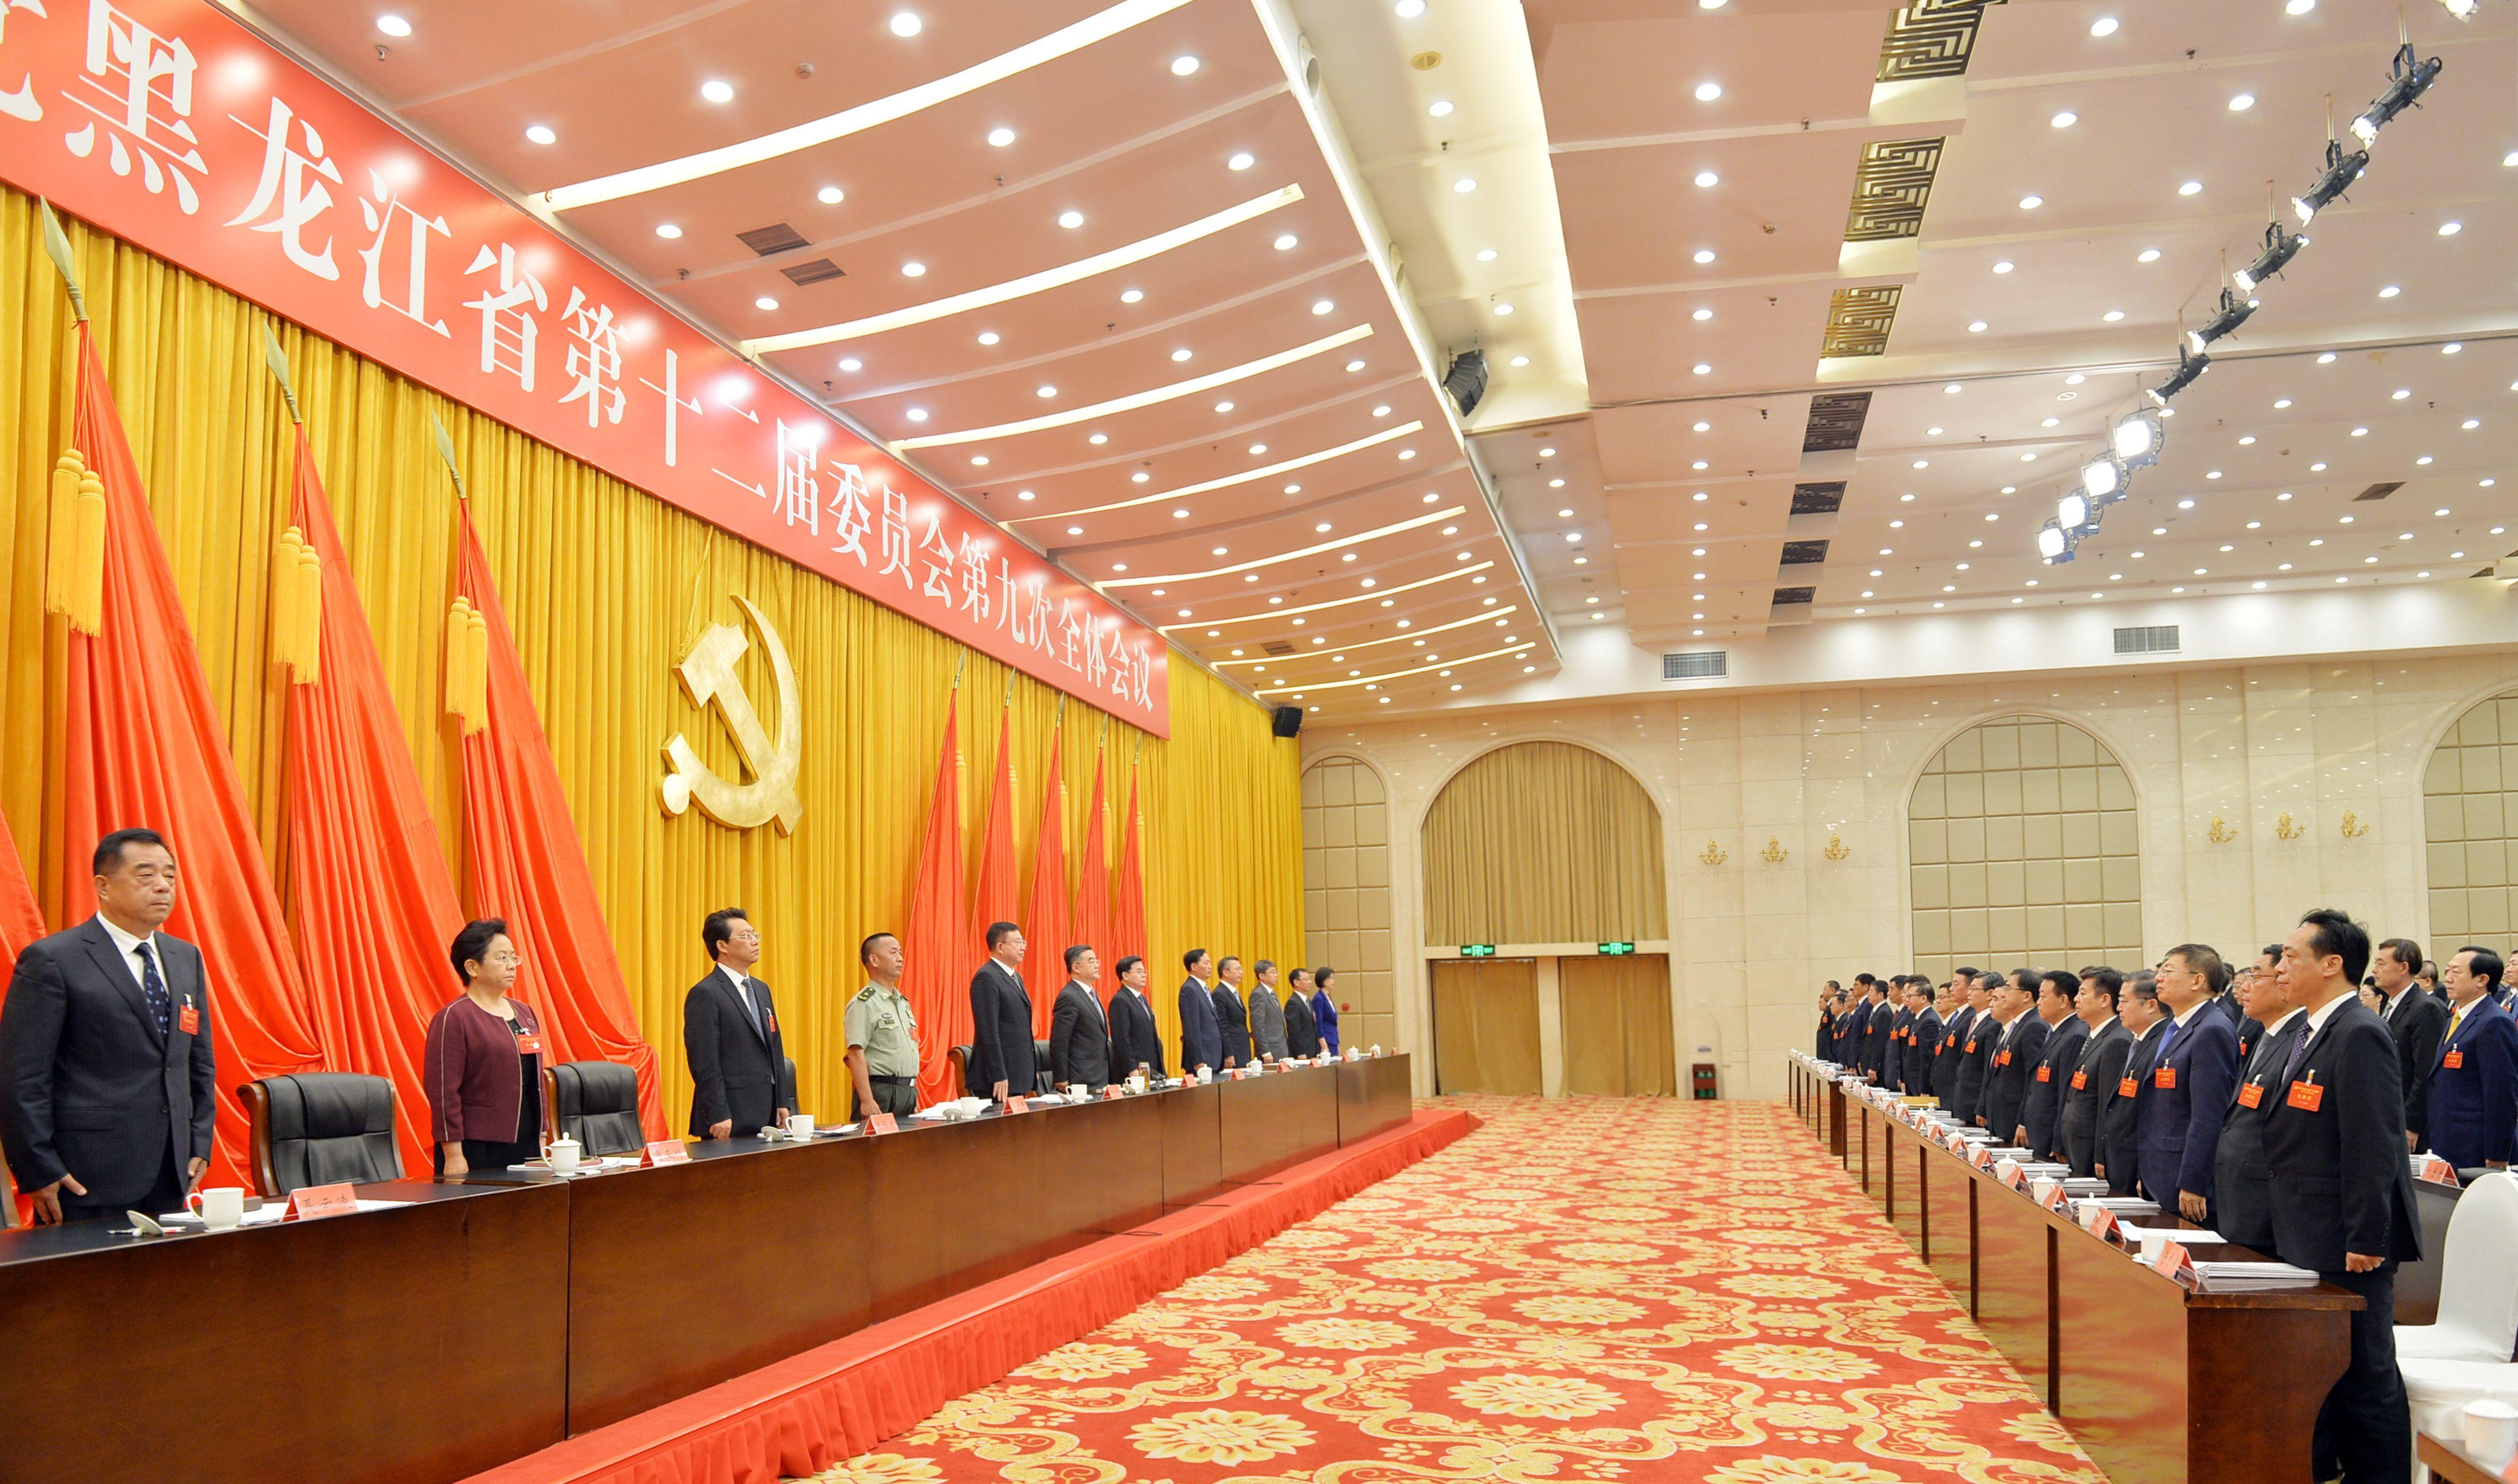 中共黑龙江省委十二届九次全会在哈尔滨举行 06.jpg